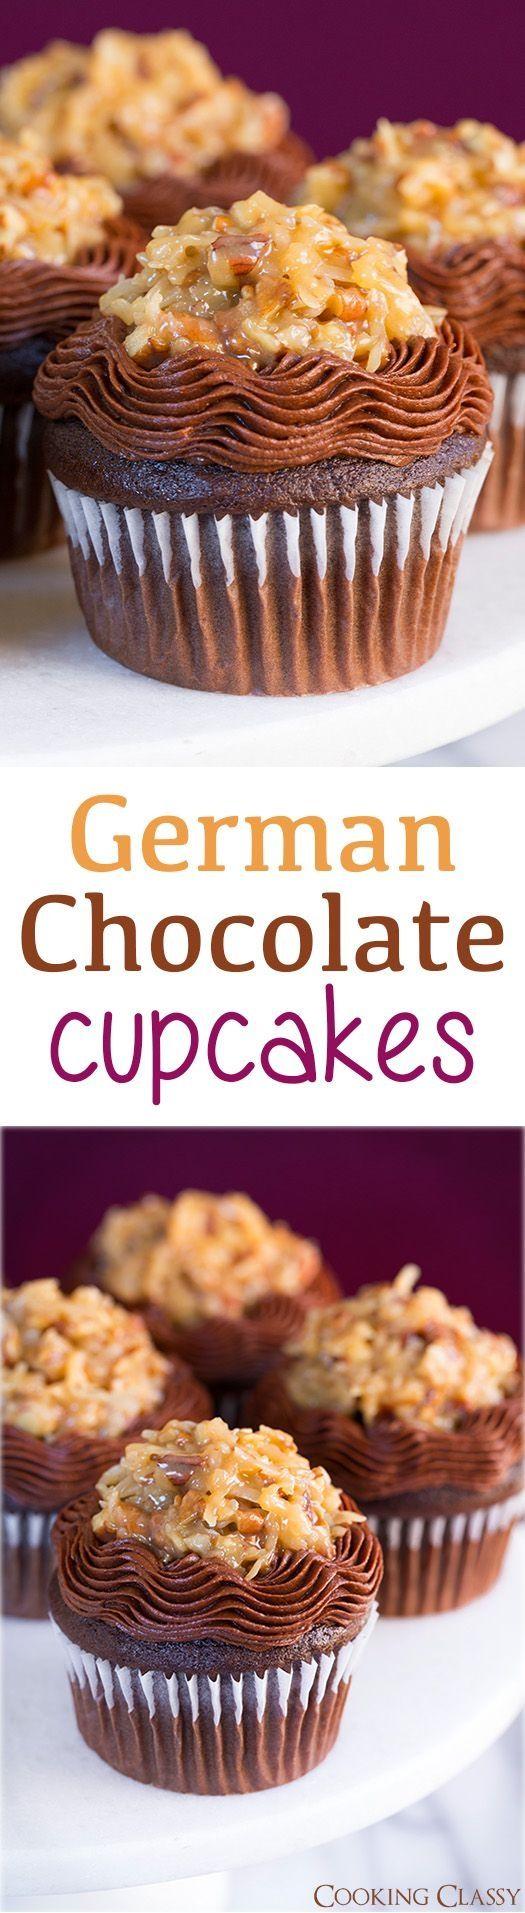 German Chocolate Cupcakes   #chocolate #cupcakes #German